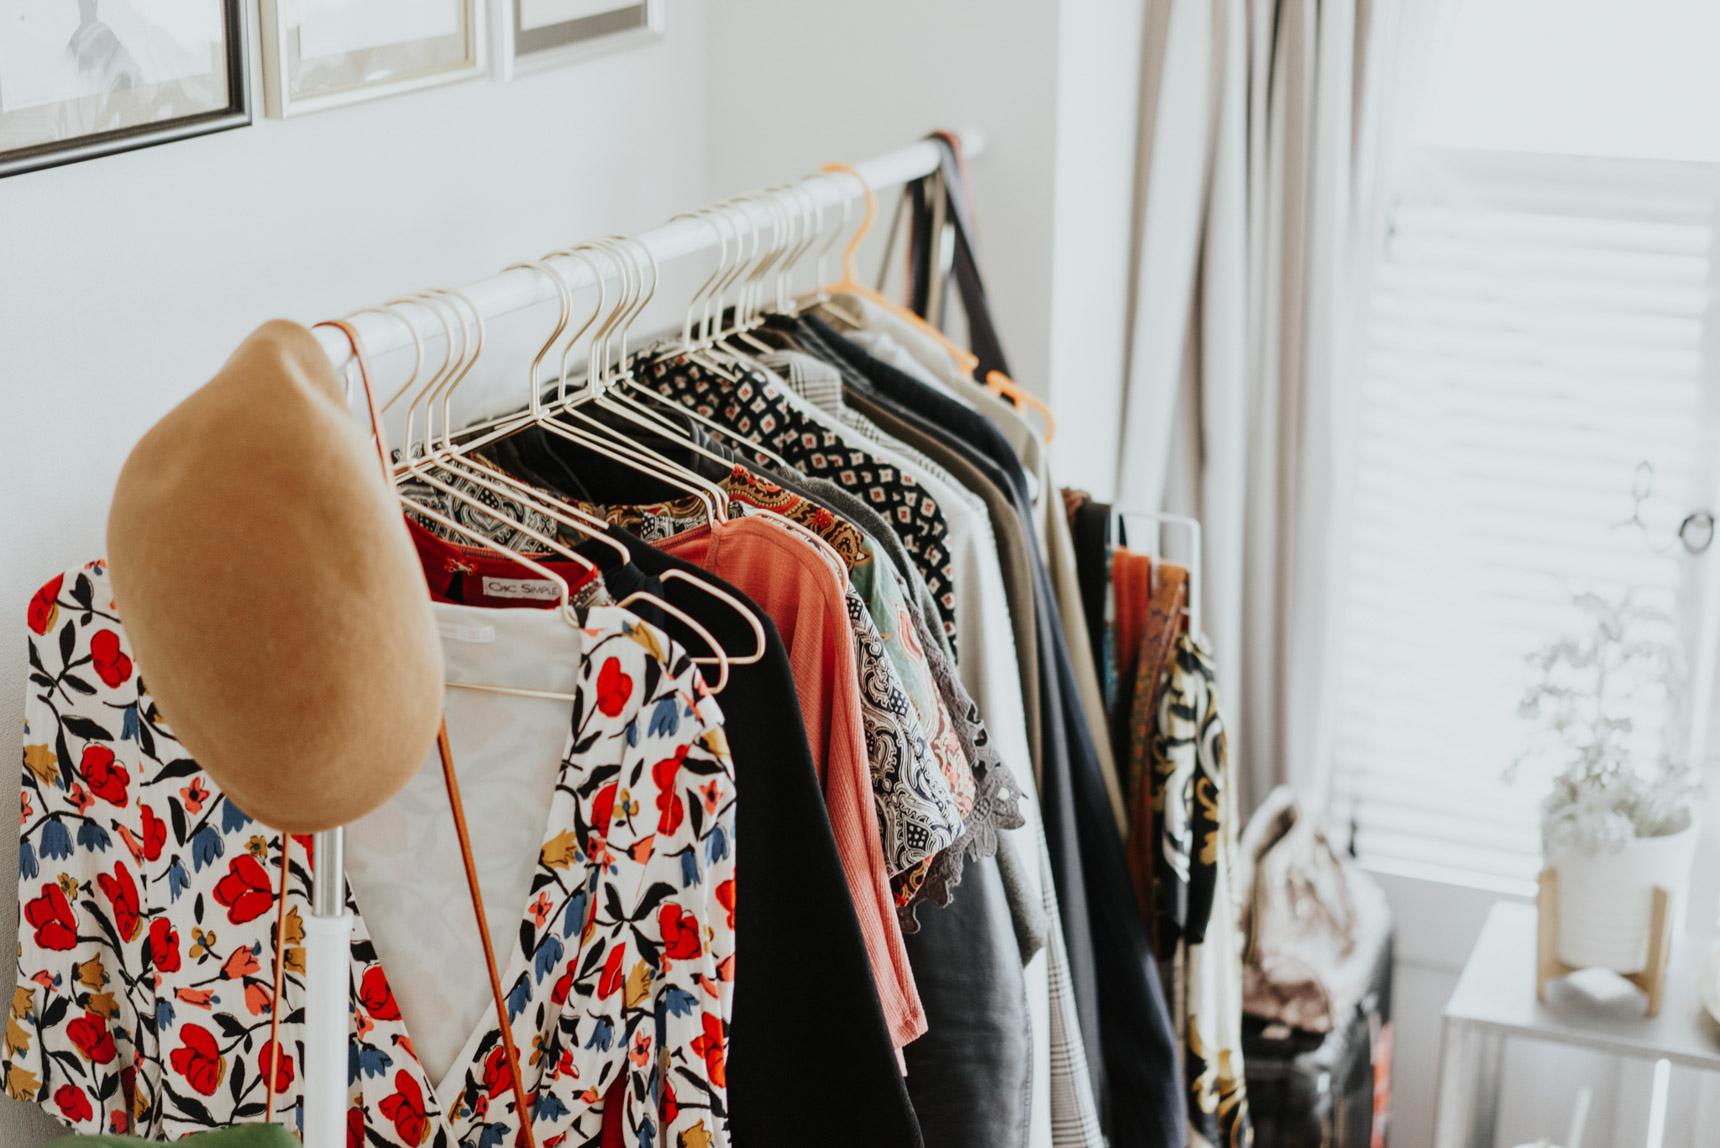 よく着る洋服は、オープンなハンガーラックにかけて。「ハンガーをゴールドに揃えたことで、だいぶ印象が変わりました」。確かに、大きめのハンガーラックですがお部屋の雰囲気に馴染んでいますよね。横に置いてあるスーツケースも、普段は収納スペースとして活用しています。